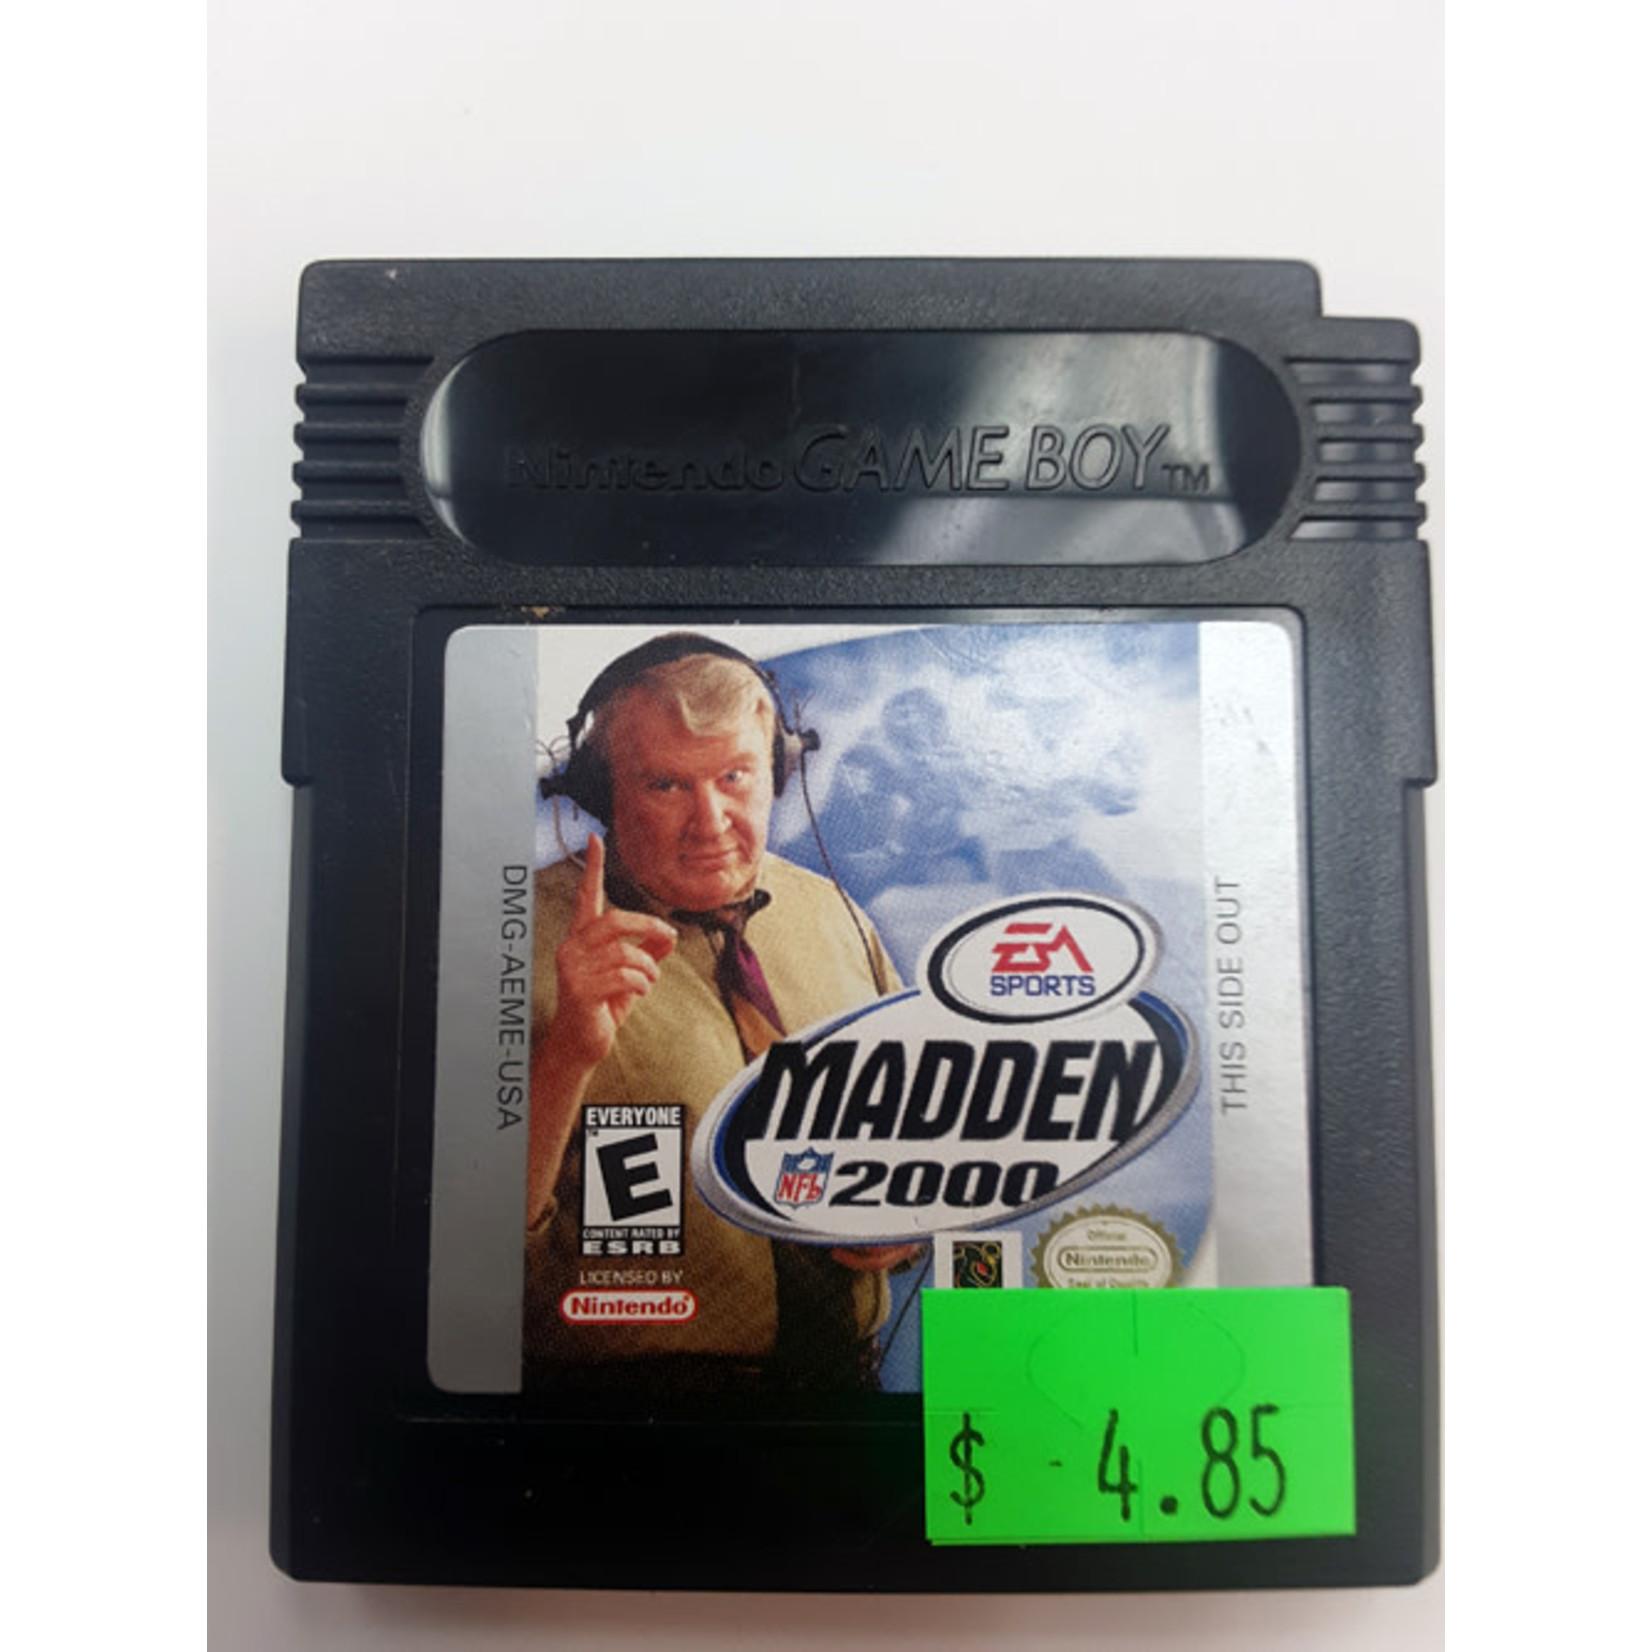 GBCu-Madden 2000 (cartridge)